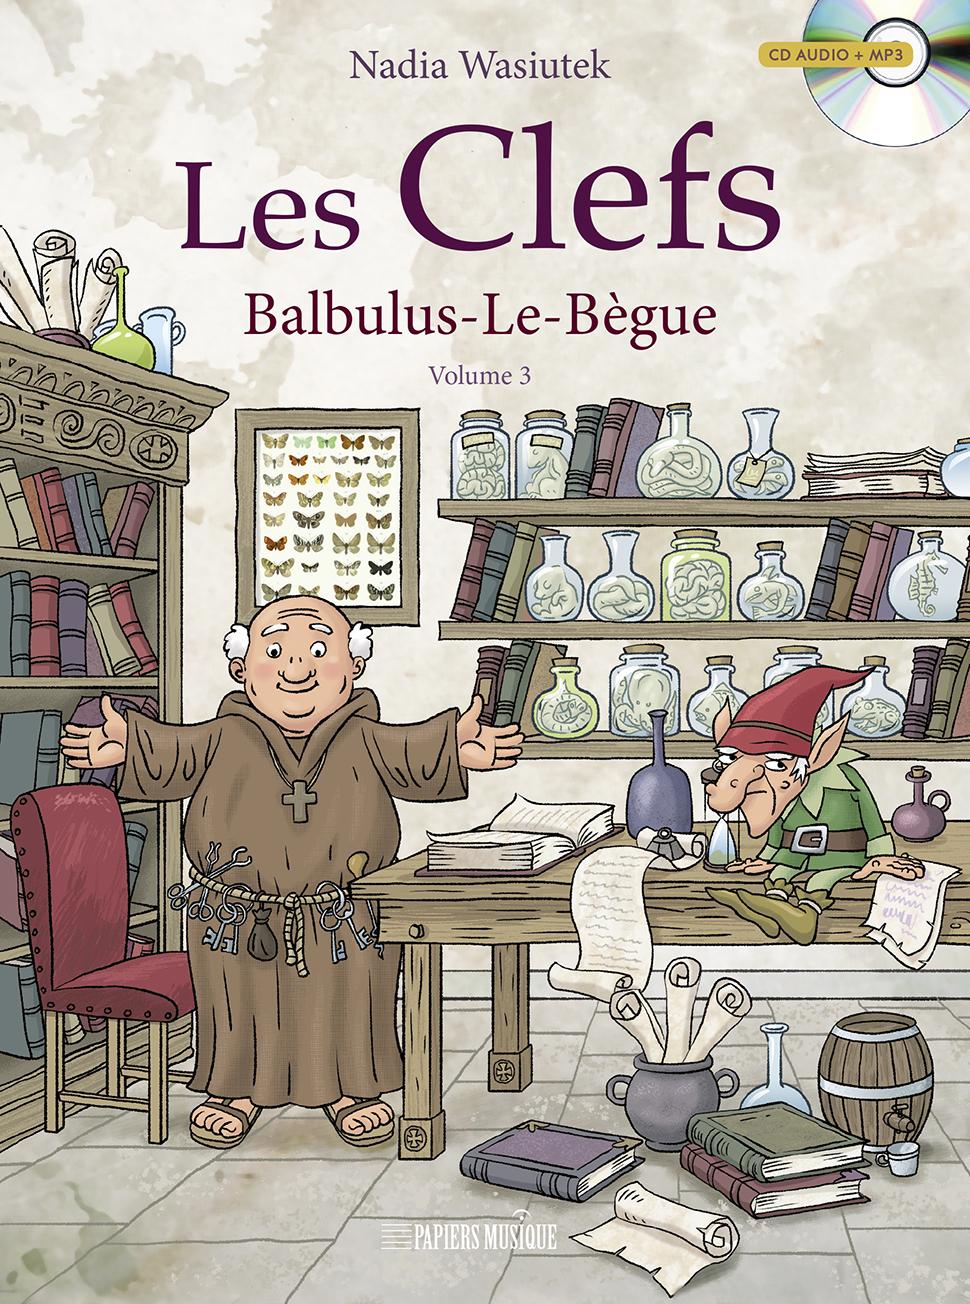 BALBULUS-LE-BEGUE